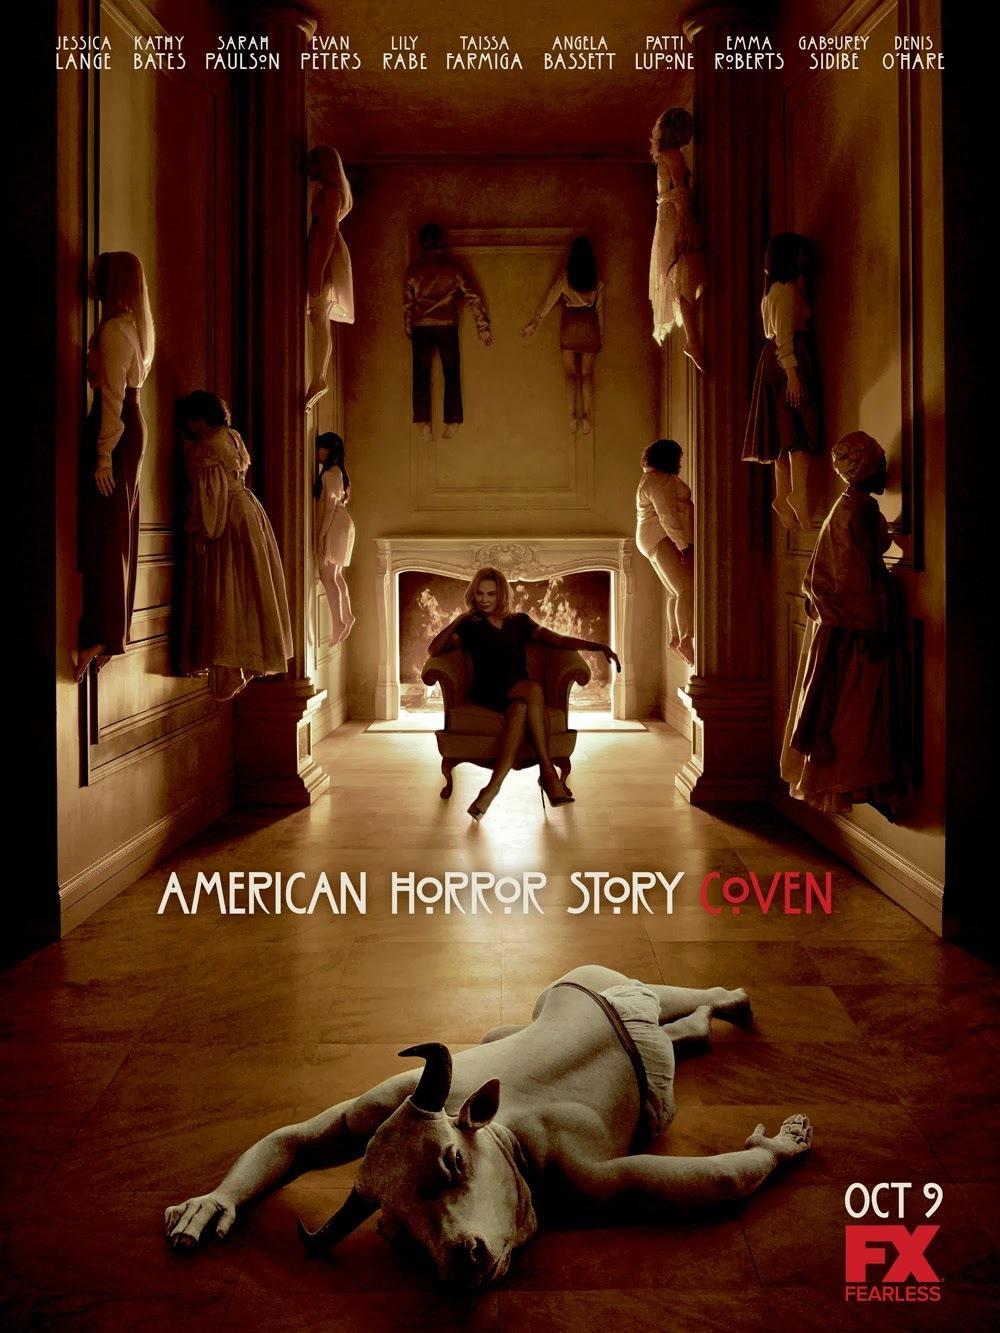 《美国怪谭:女巫团》曝正式海报以及预告 新老女巫大亮相